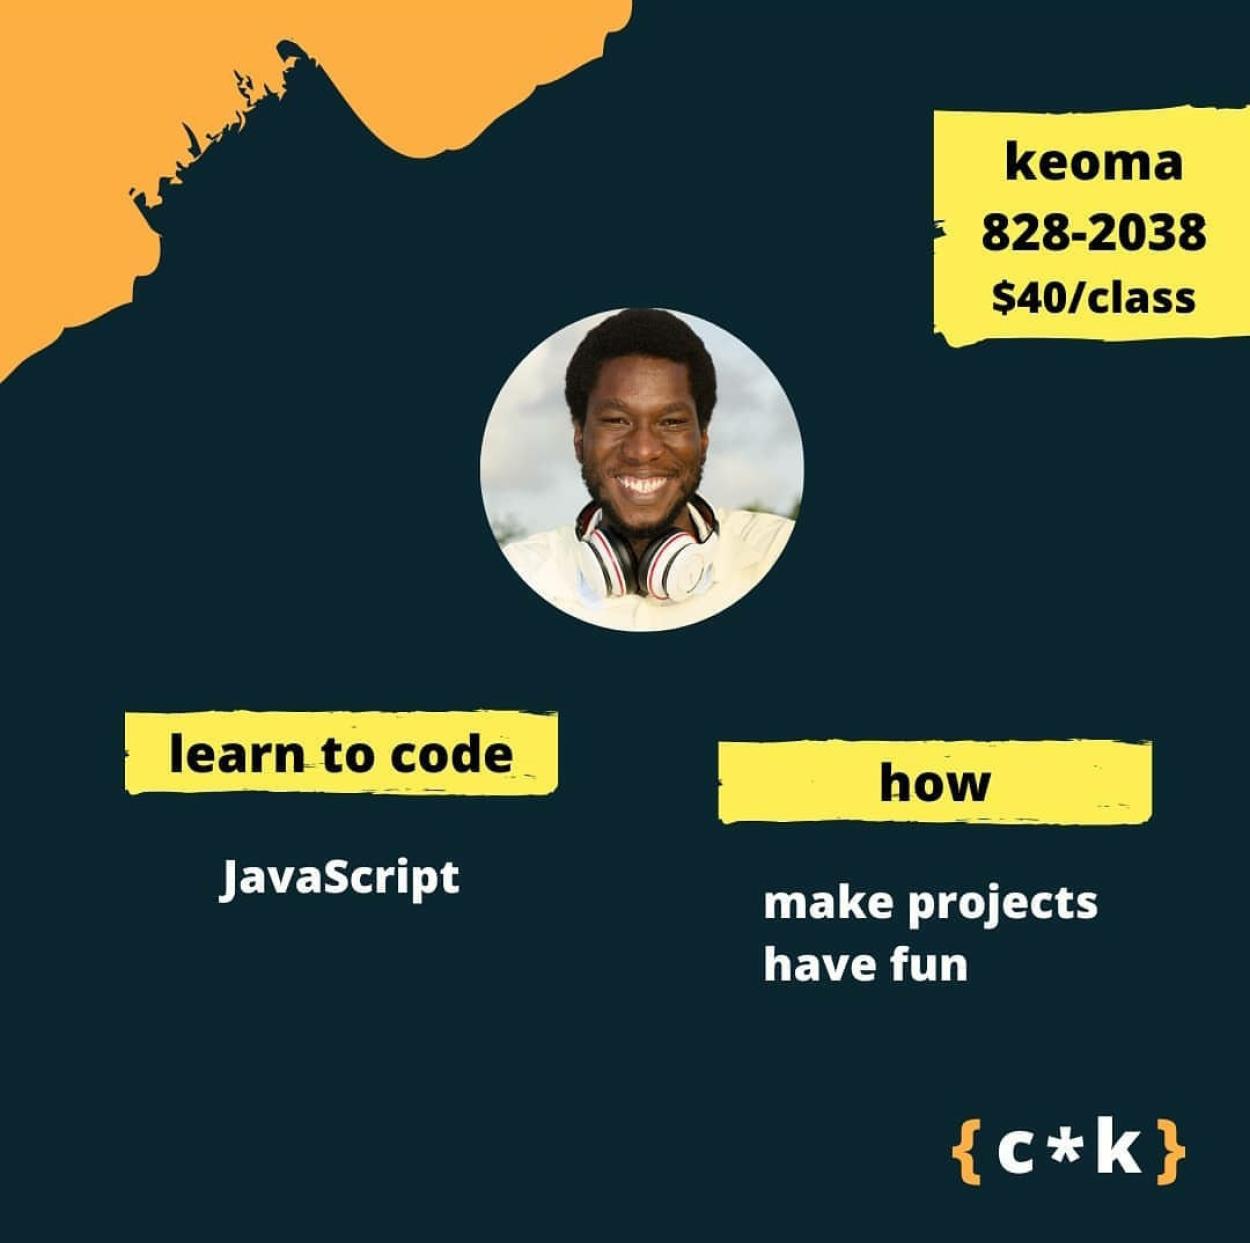 Code-By-Keoma-Ad.jpg